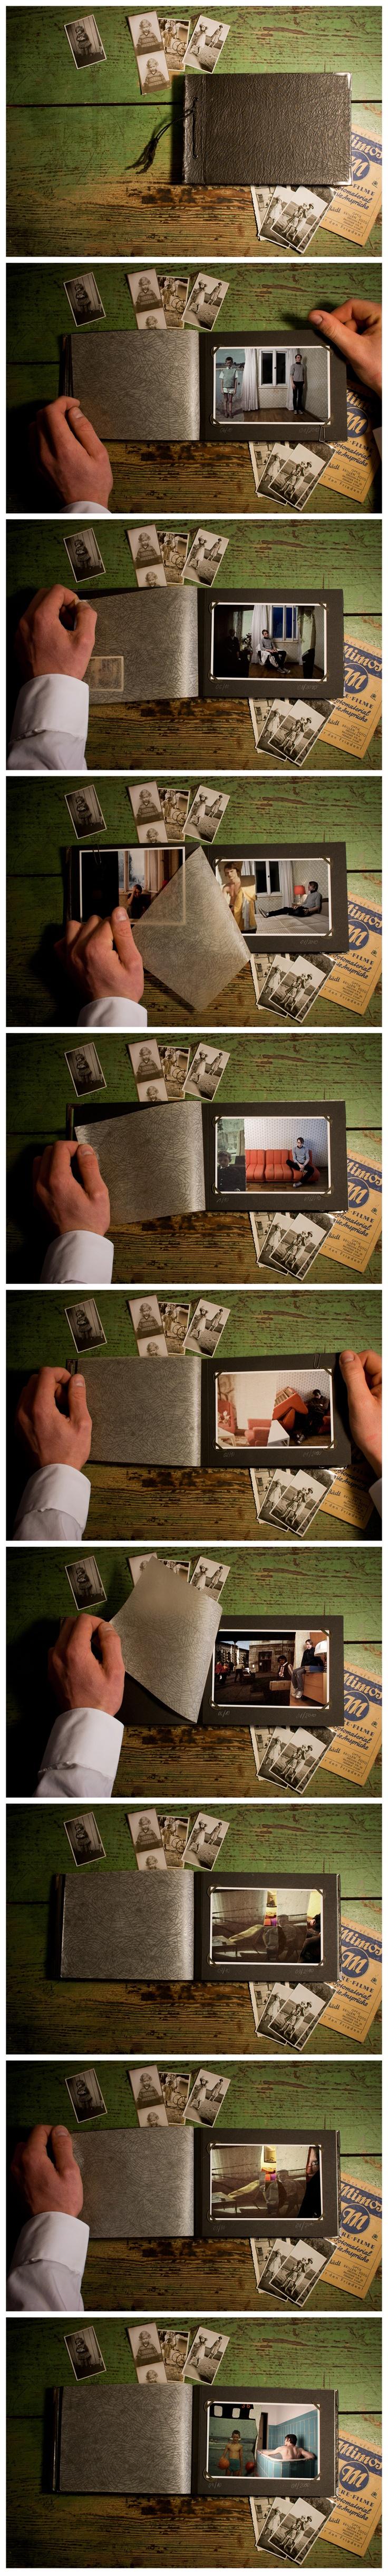 Die Fotoserie zeigt die Auseinandersetzung mit der eigenen Familie, der Zeit und dem Raum. Die Bilder sind keine Fotomontage, der Bild im Bild Effekt wurde mit einer speziellen Technik realisiert. Es lassen sich Synergien zwischen Dia, Raum und Person im Raum erkennen.